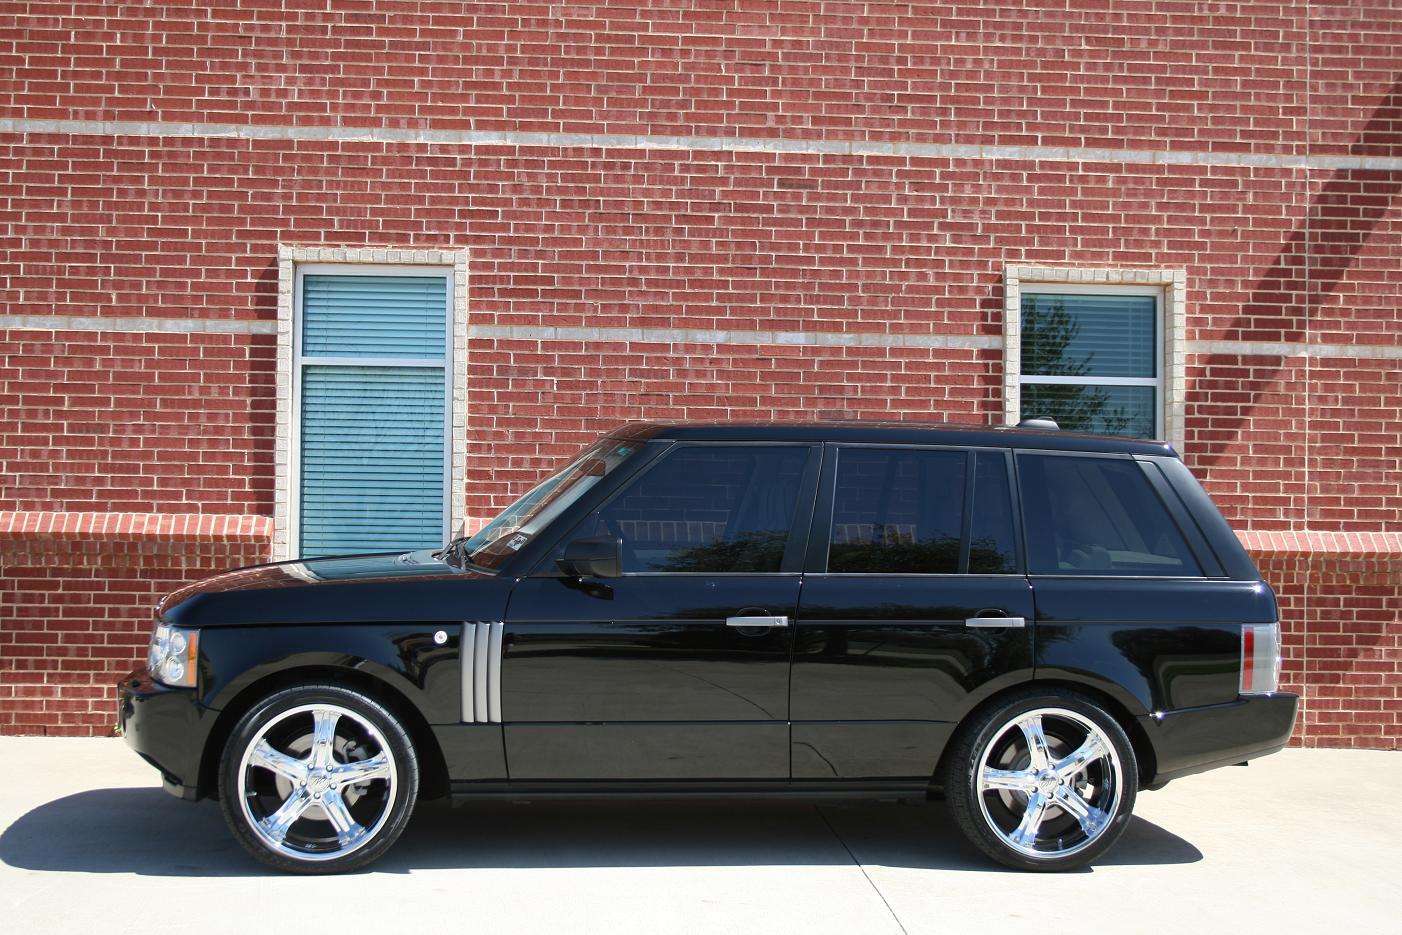 22 Quot Cec 856 Chrome On 08 Range Rover Hse